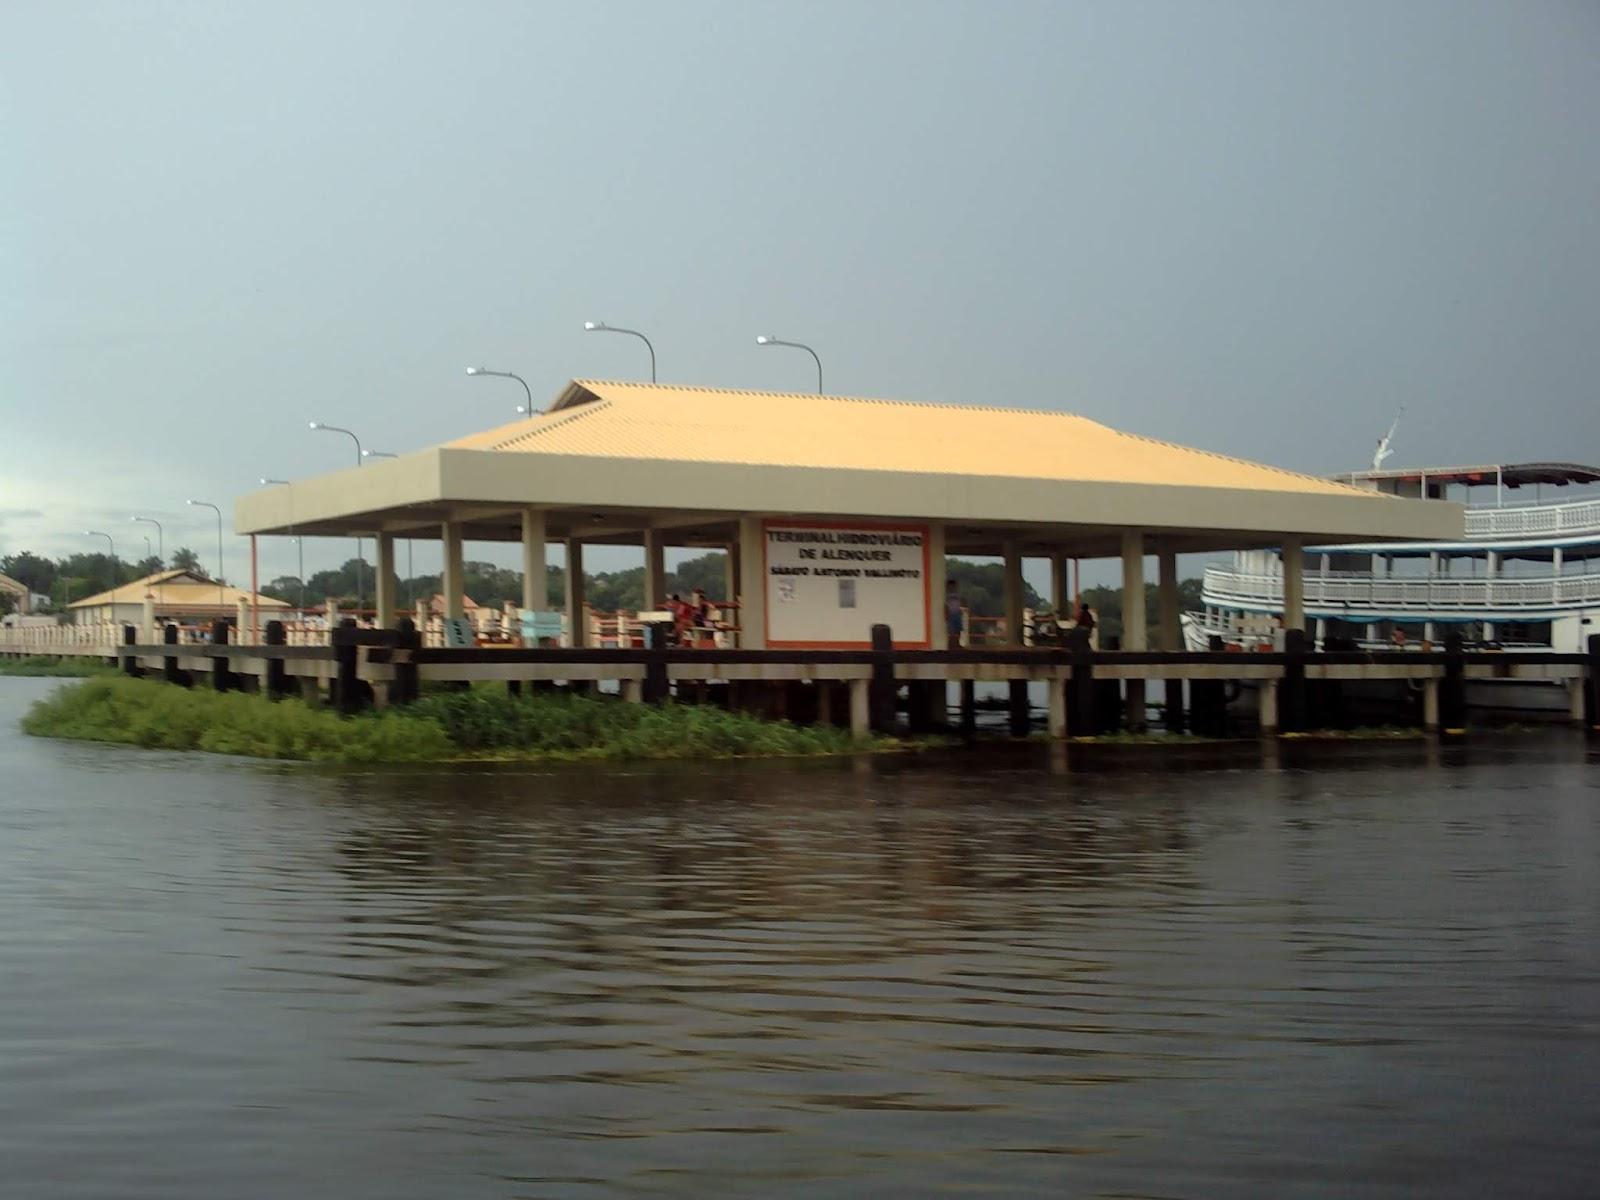 Governo abre licitação de R$ 3,8 milhões para reforma do terminal hidroviário de Alenquer